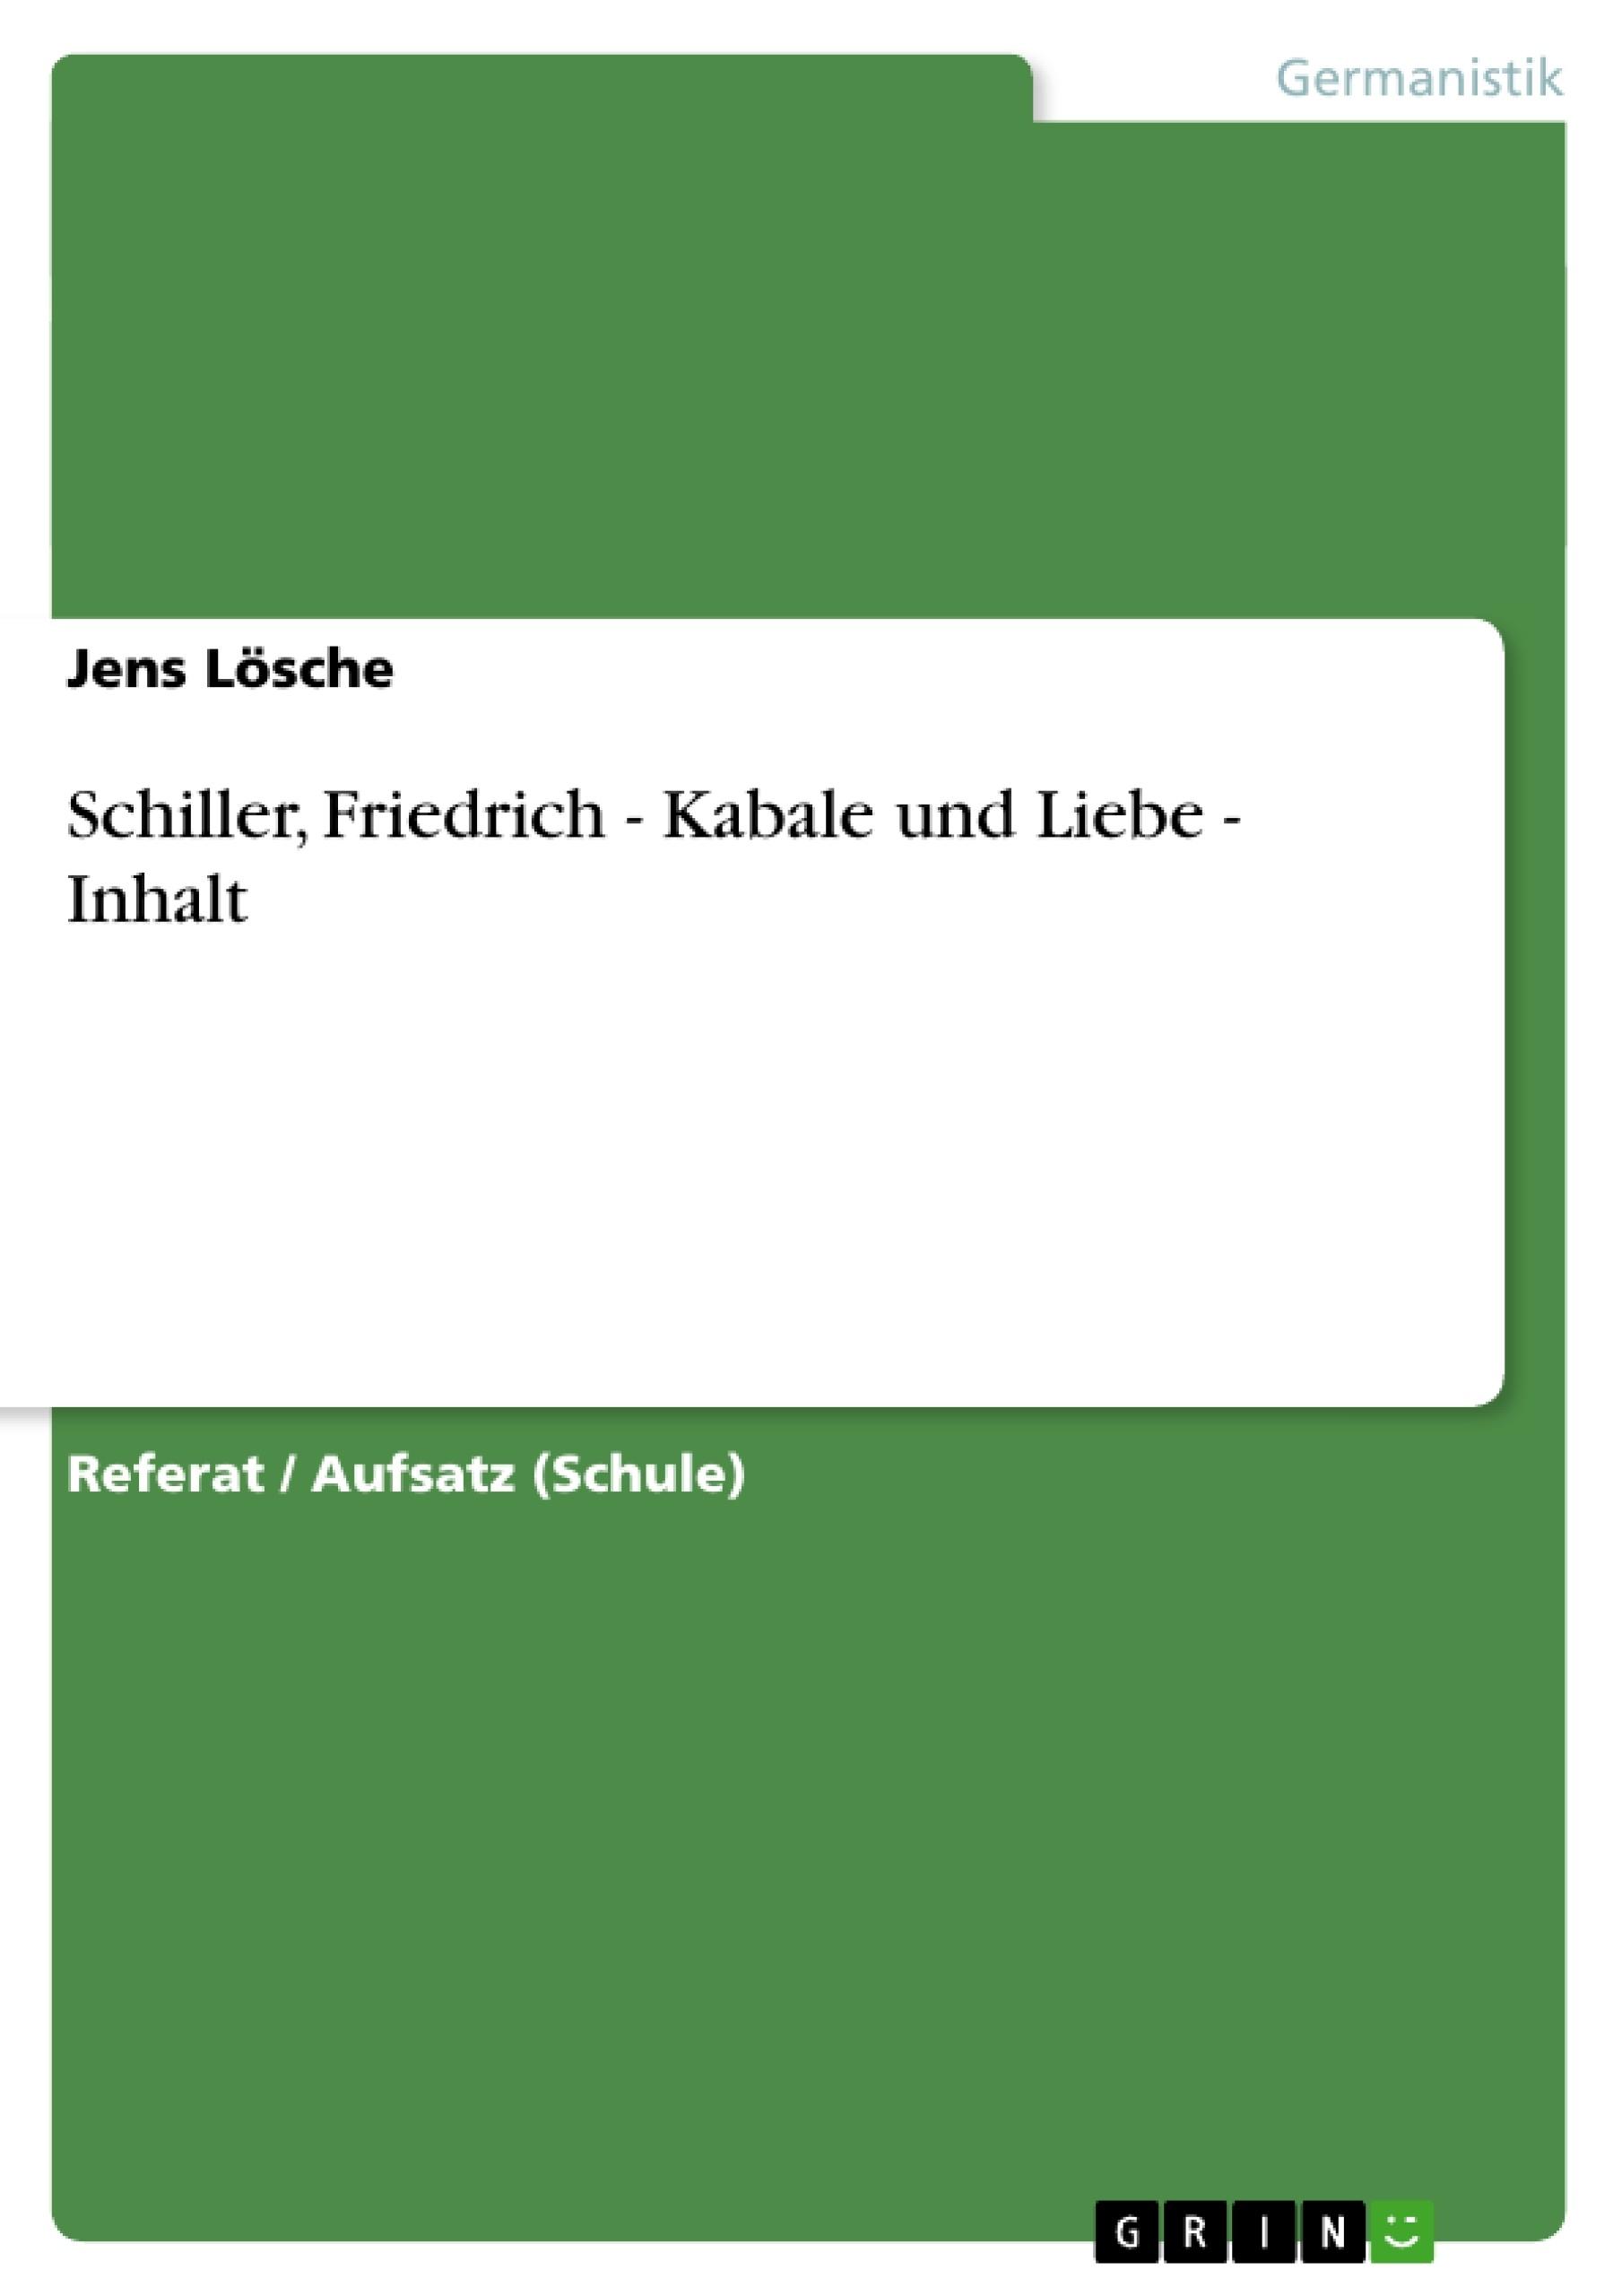 Titel: Schiller, Friedrich - Kabale und Liebe - Inhalt